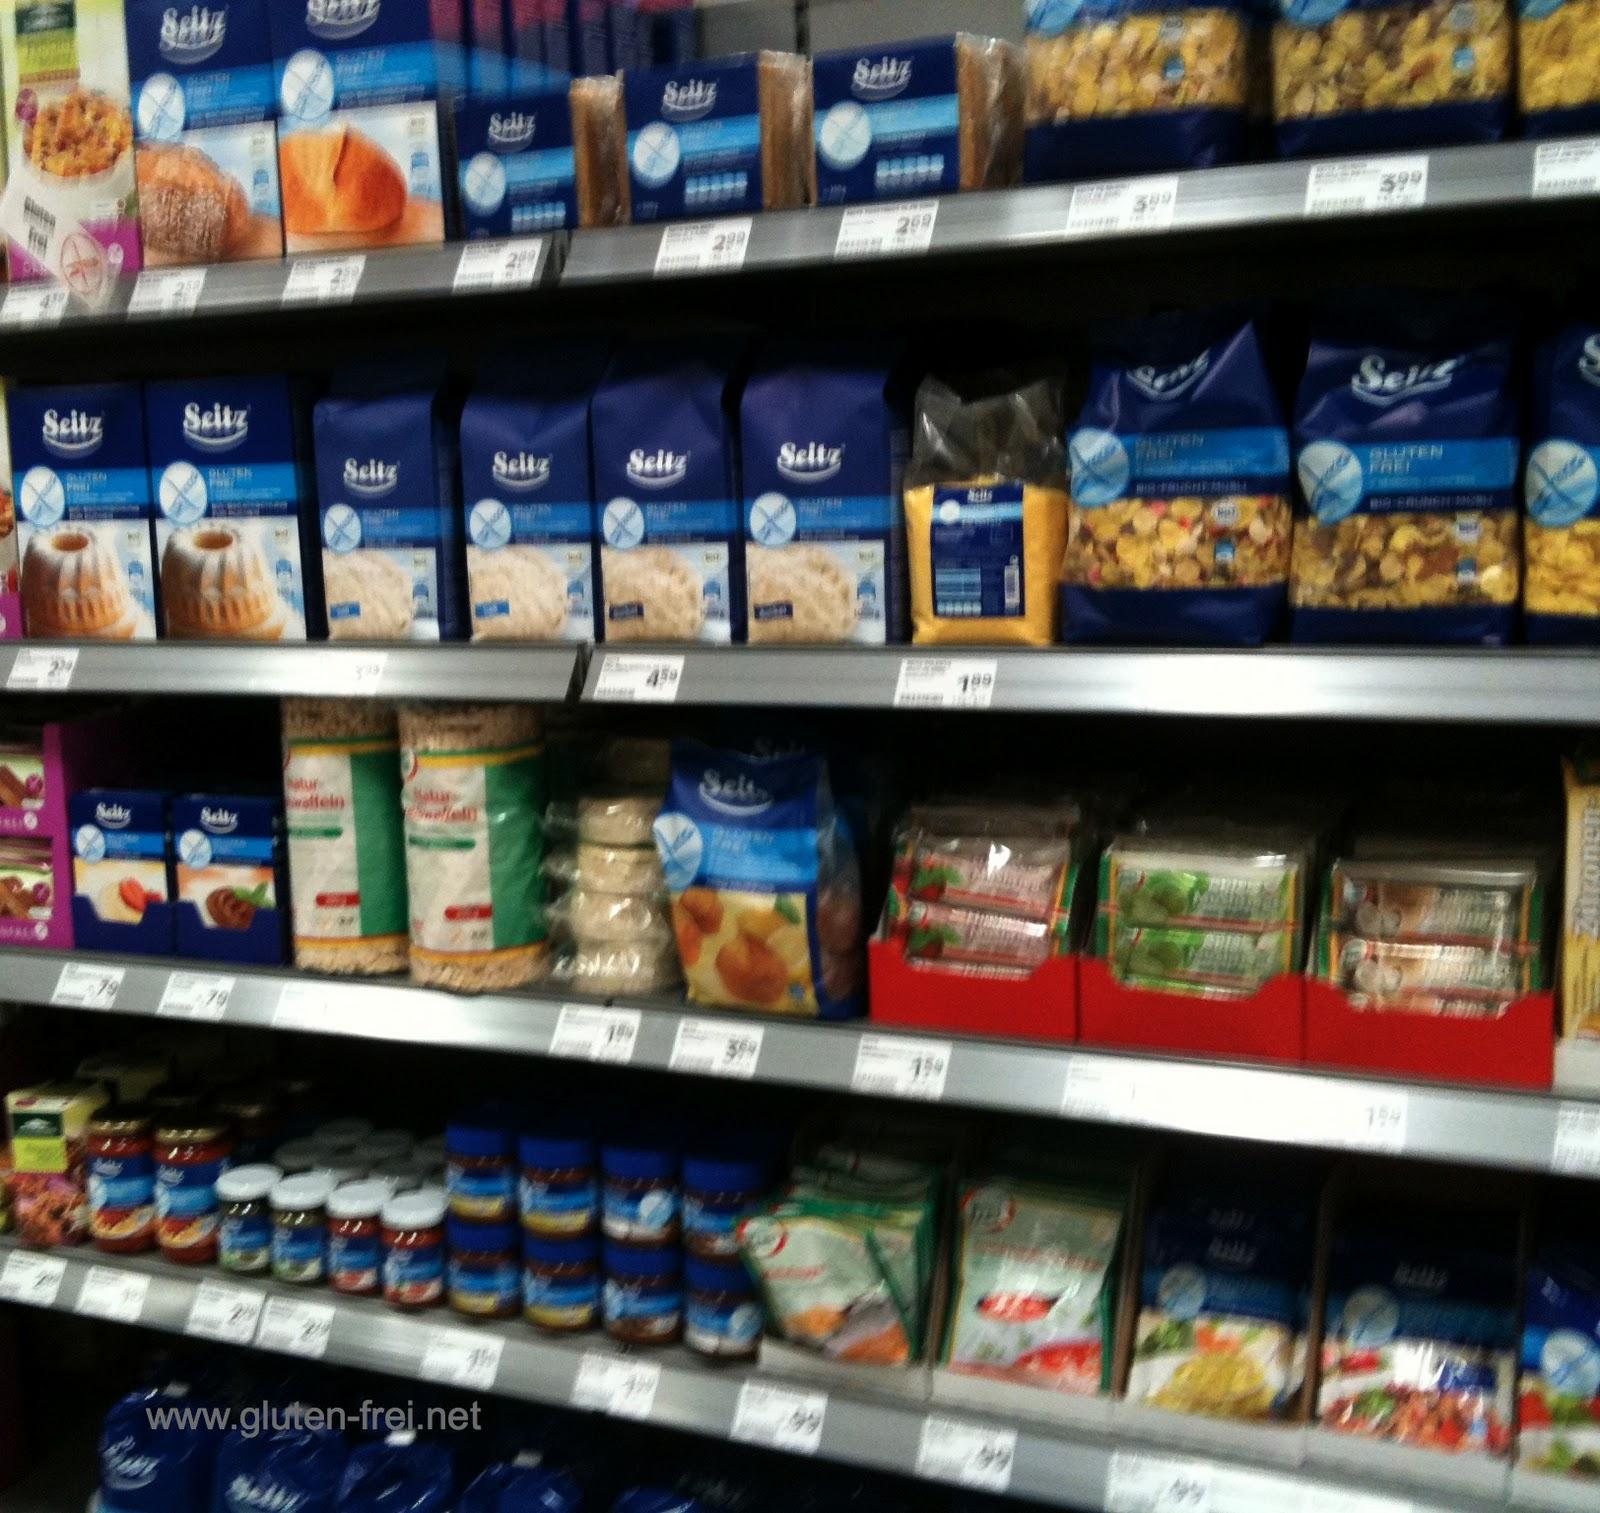 Seitz Erweitert Glutenfreies Sortiment Ein Glutenfreier